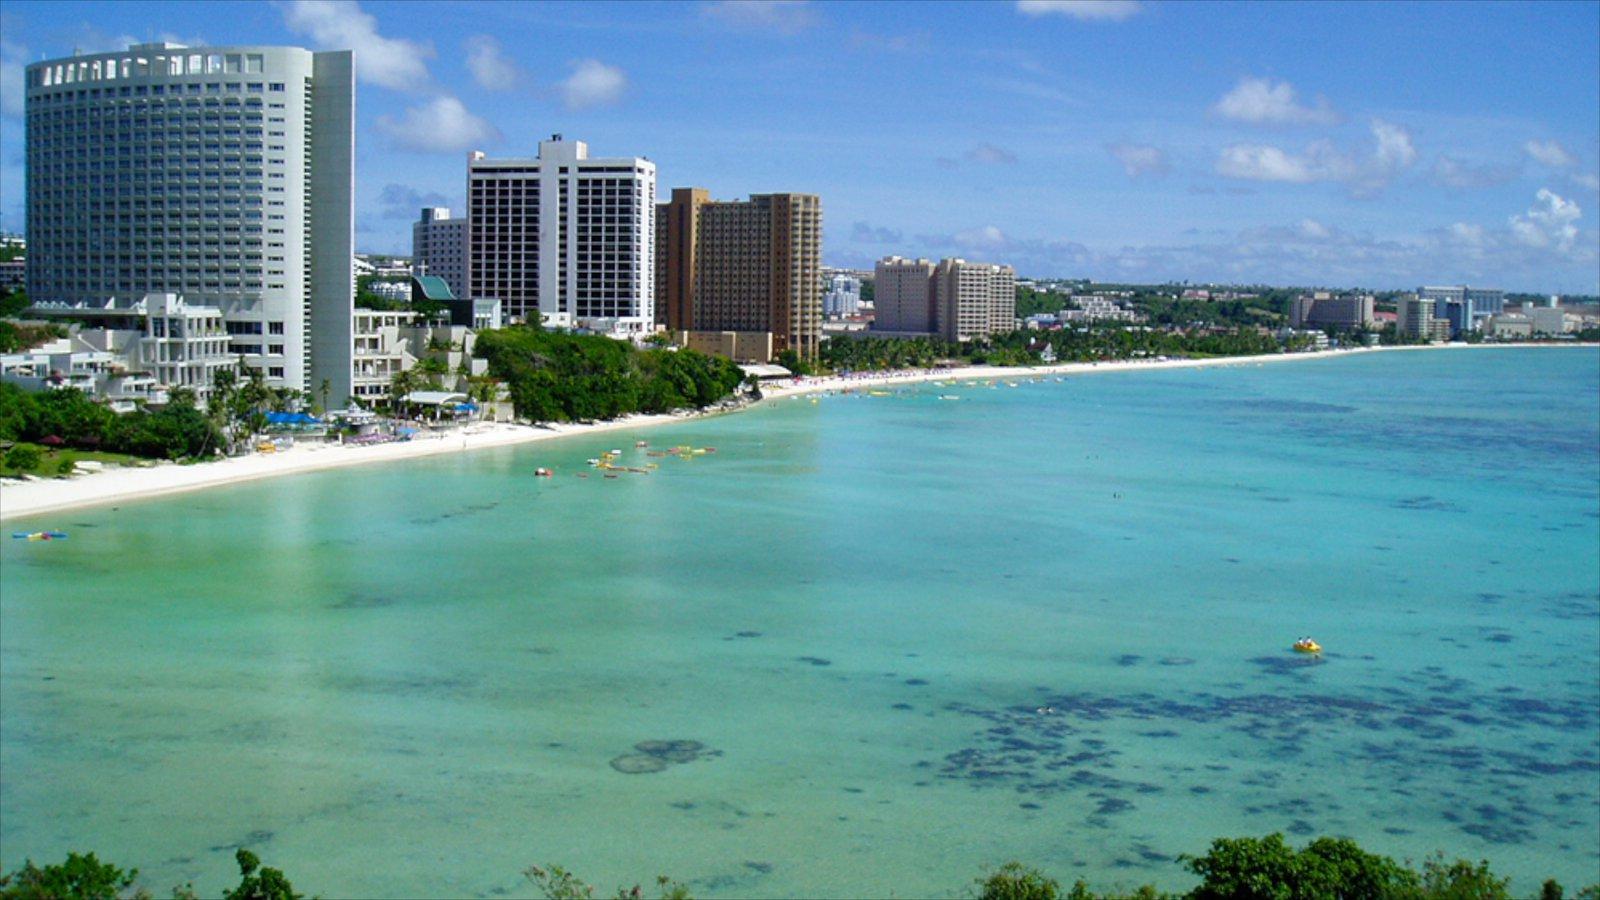 Tumon Beach Tumon, Mariana Islands Las mejores playas del Mundo